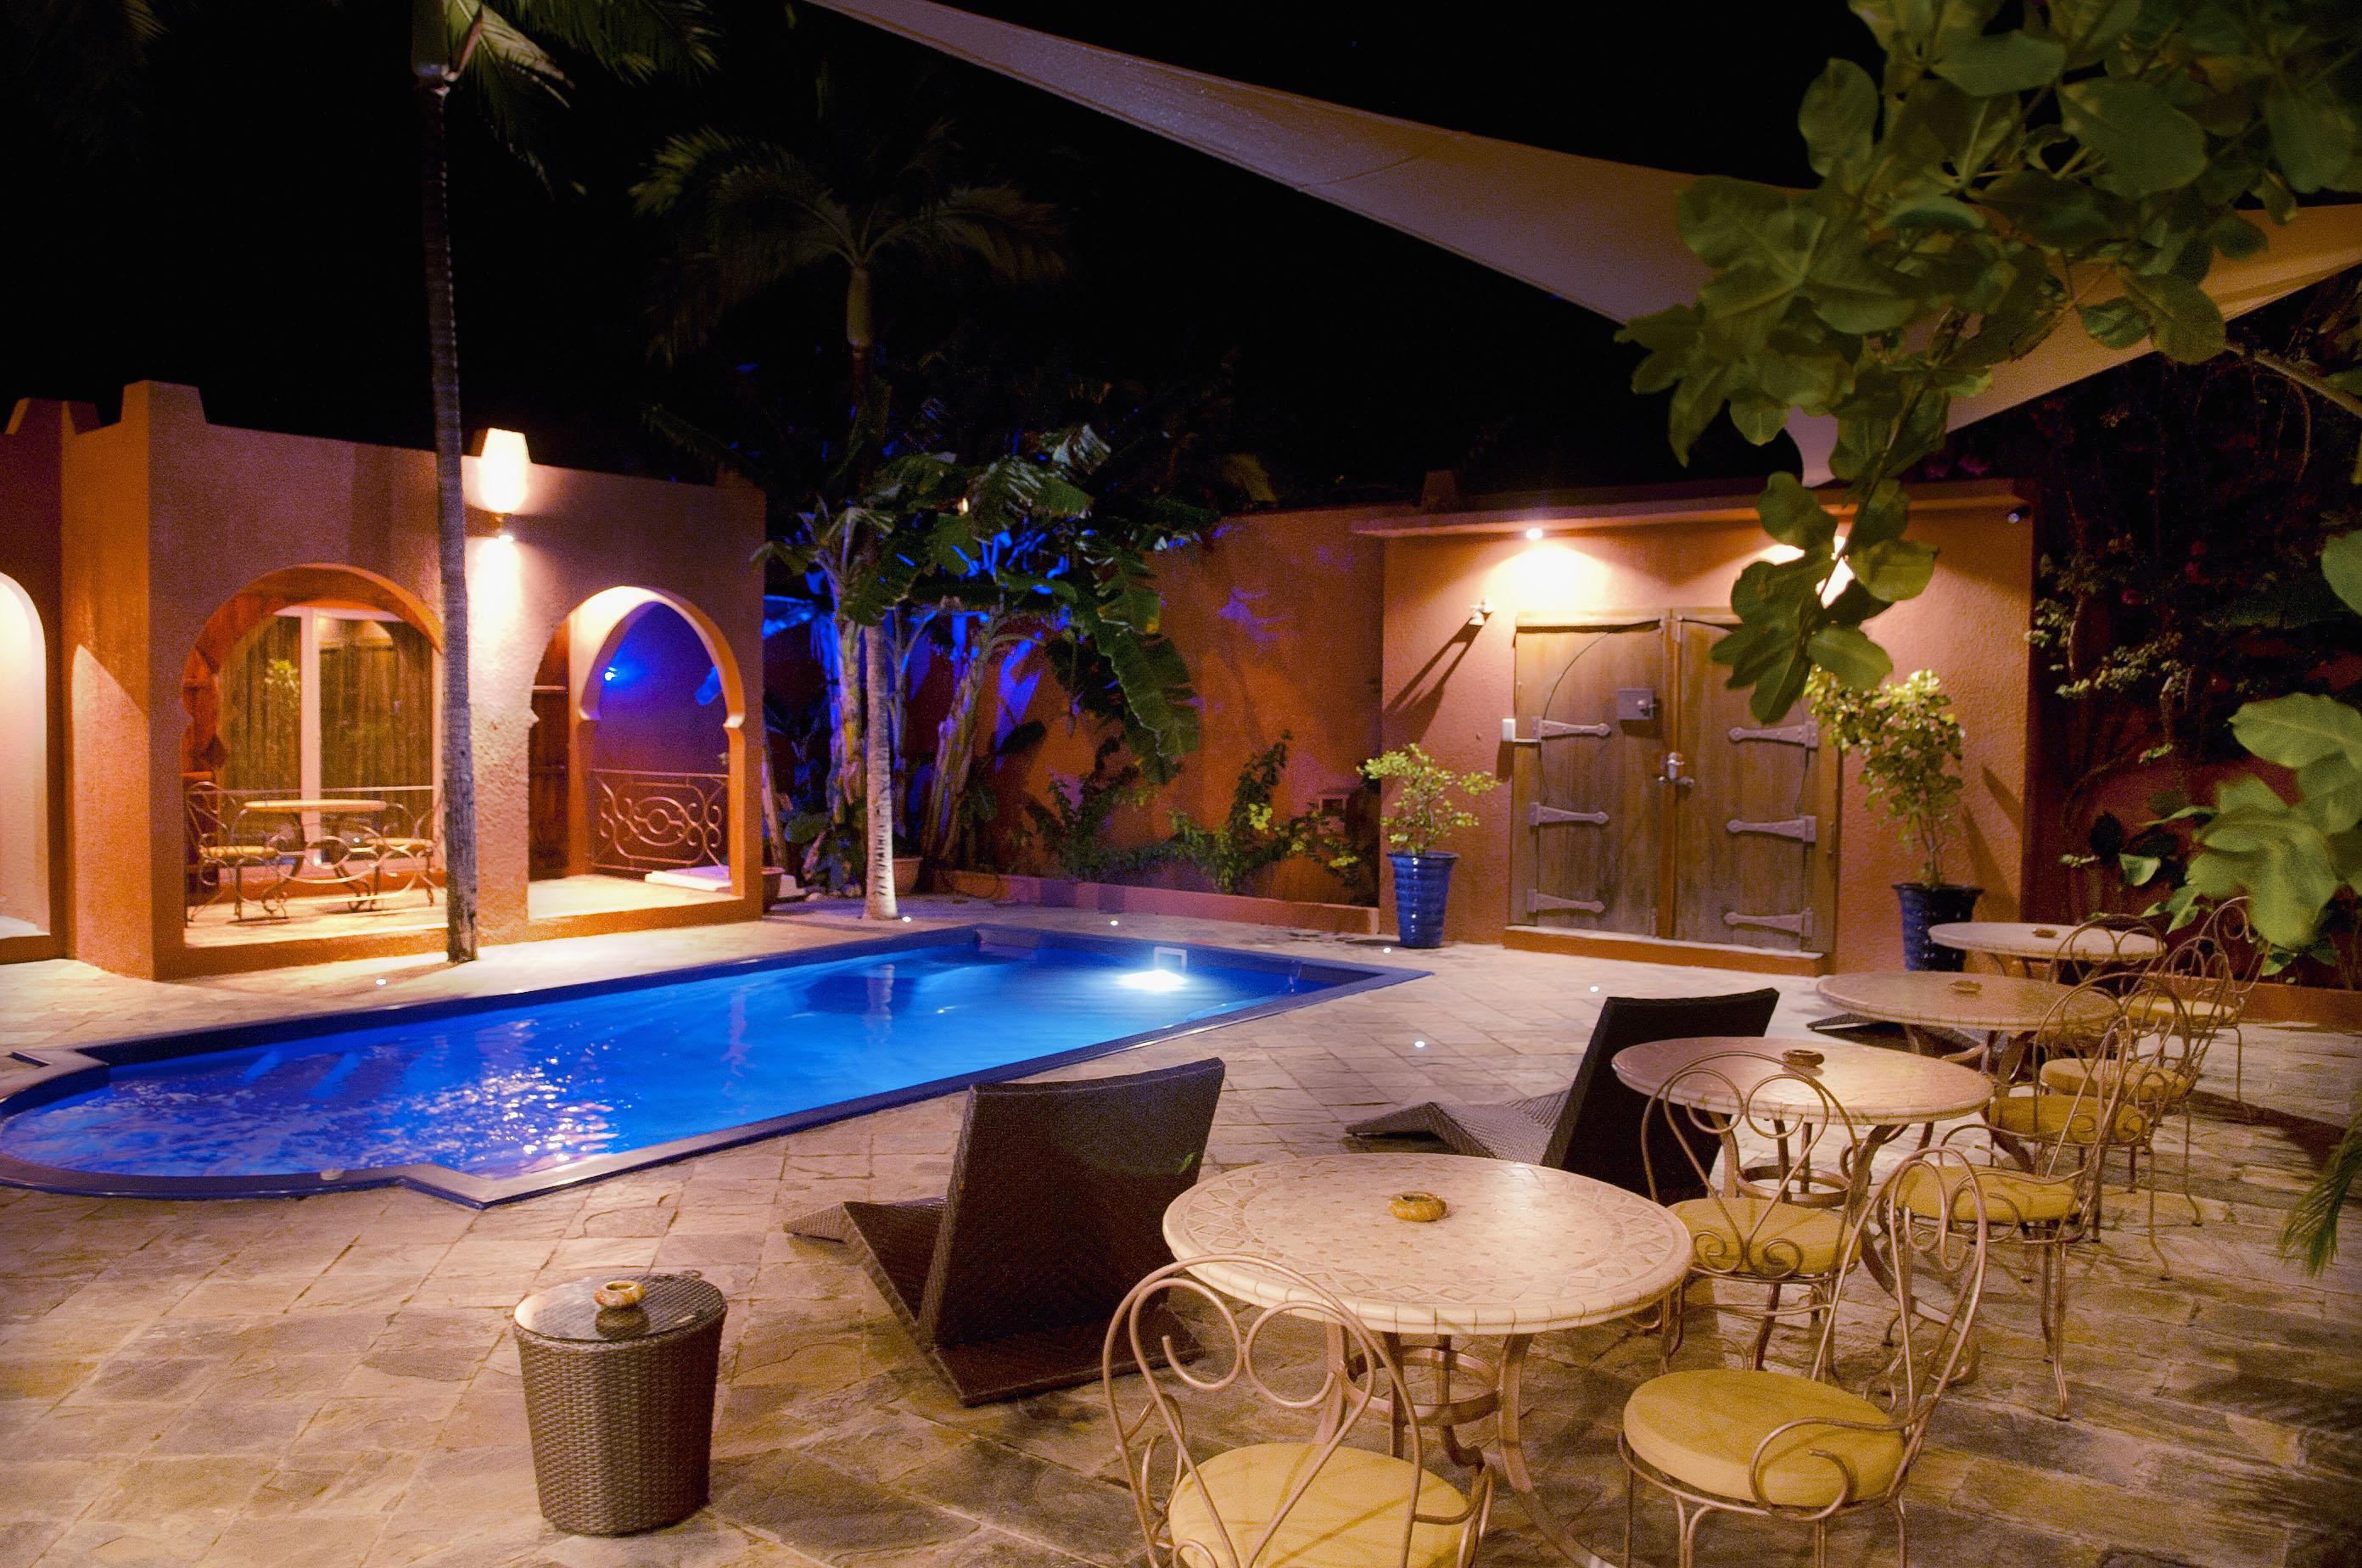 Une maison d'hôtes originale et luxueuse inspirée des riads marocains.